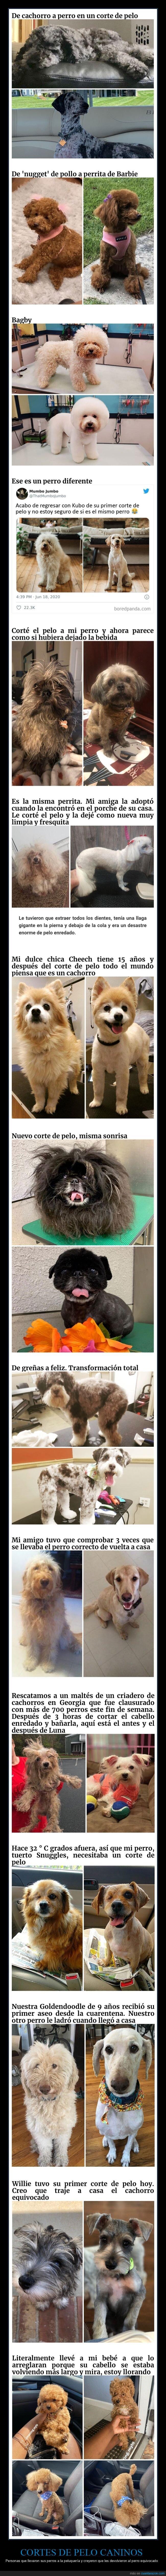 cortes de pelo,peluqueros,perros